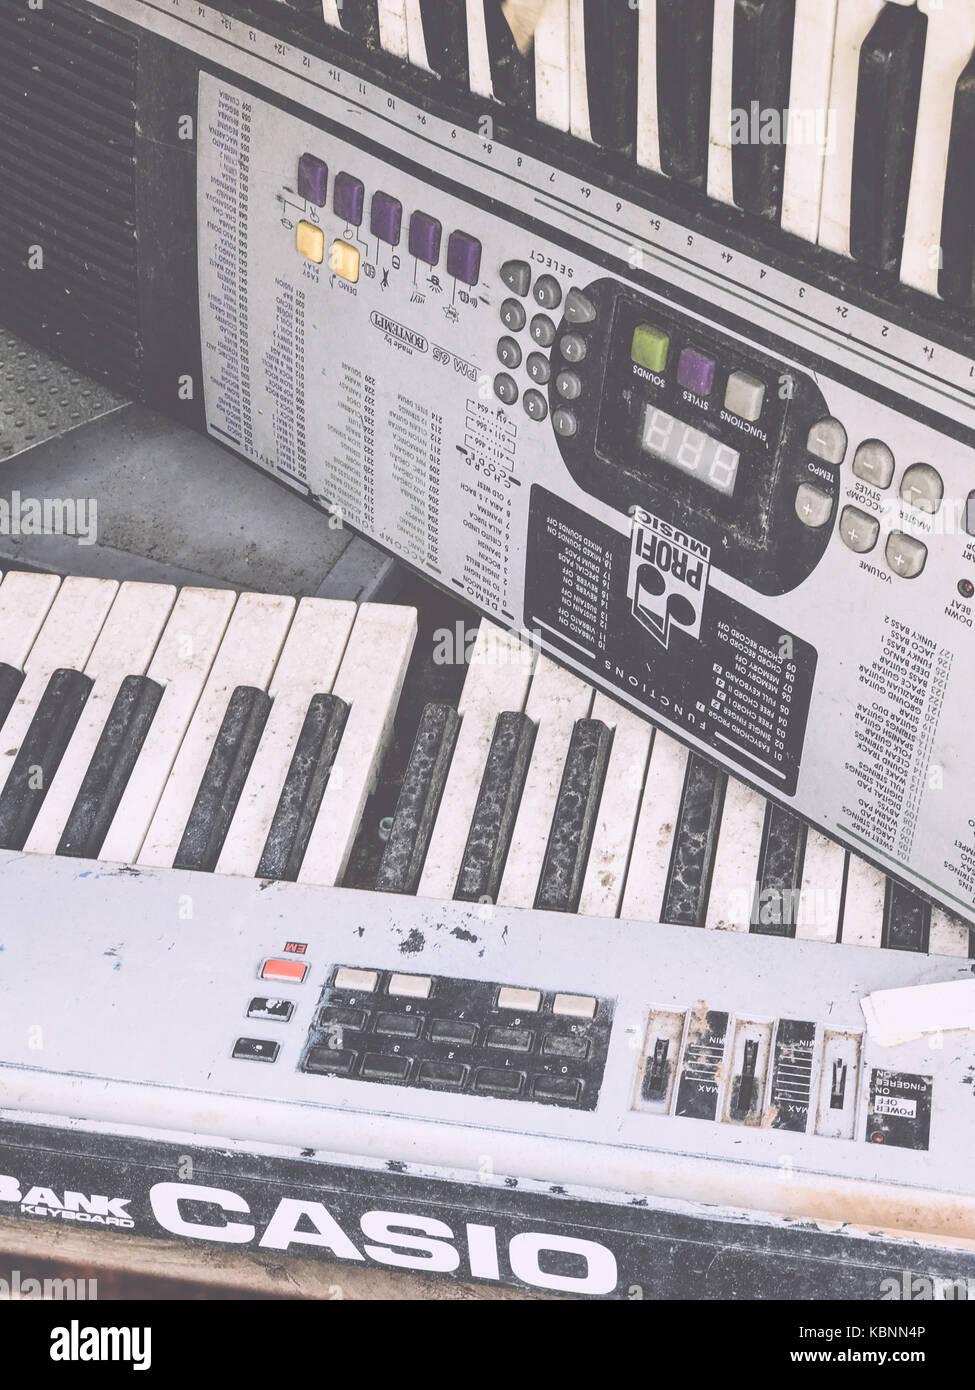 Old Casio keyboard Profi music - Stock Image